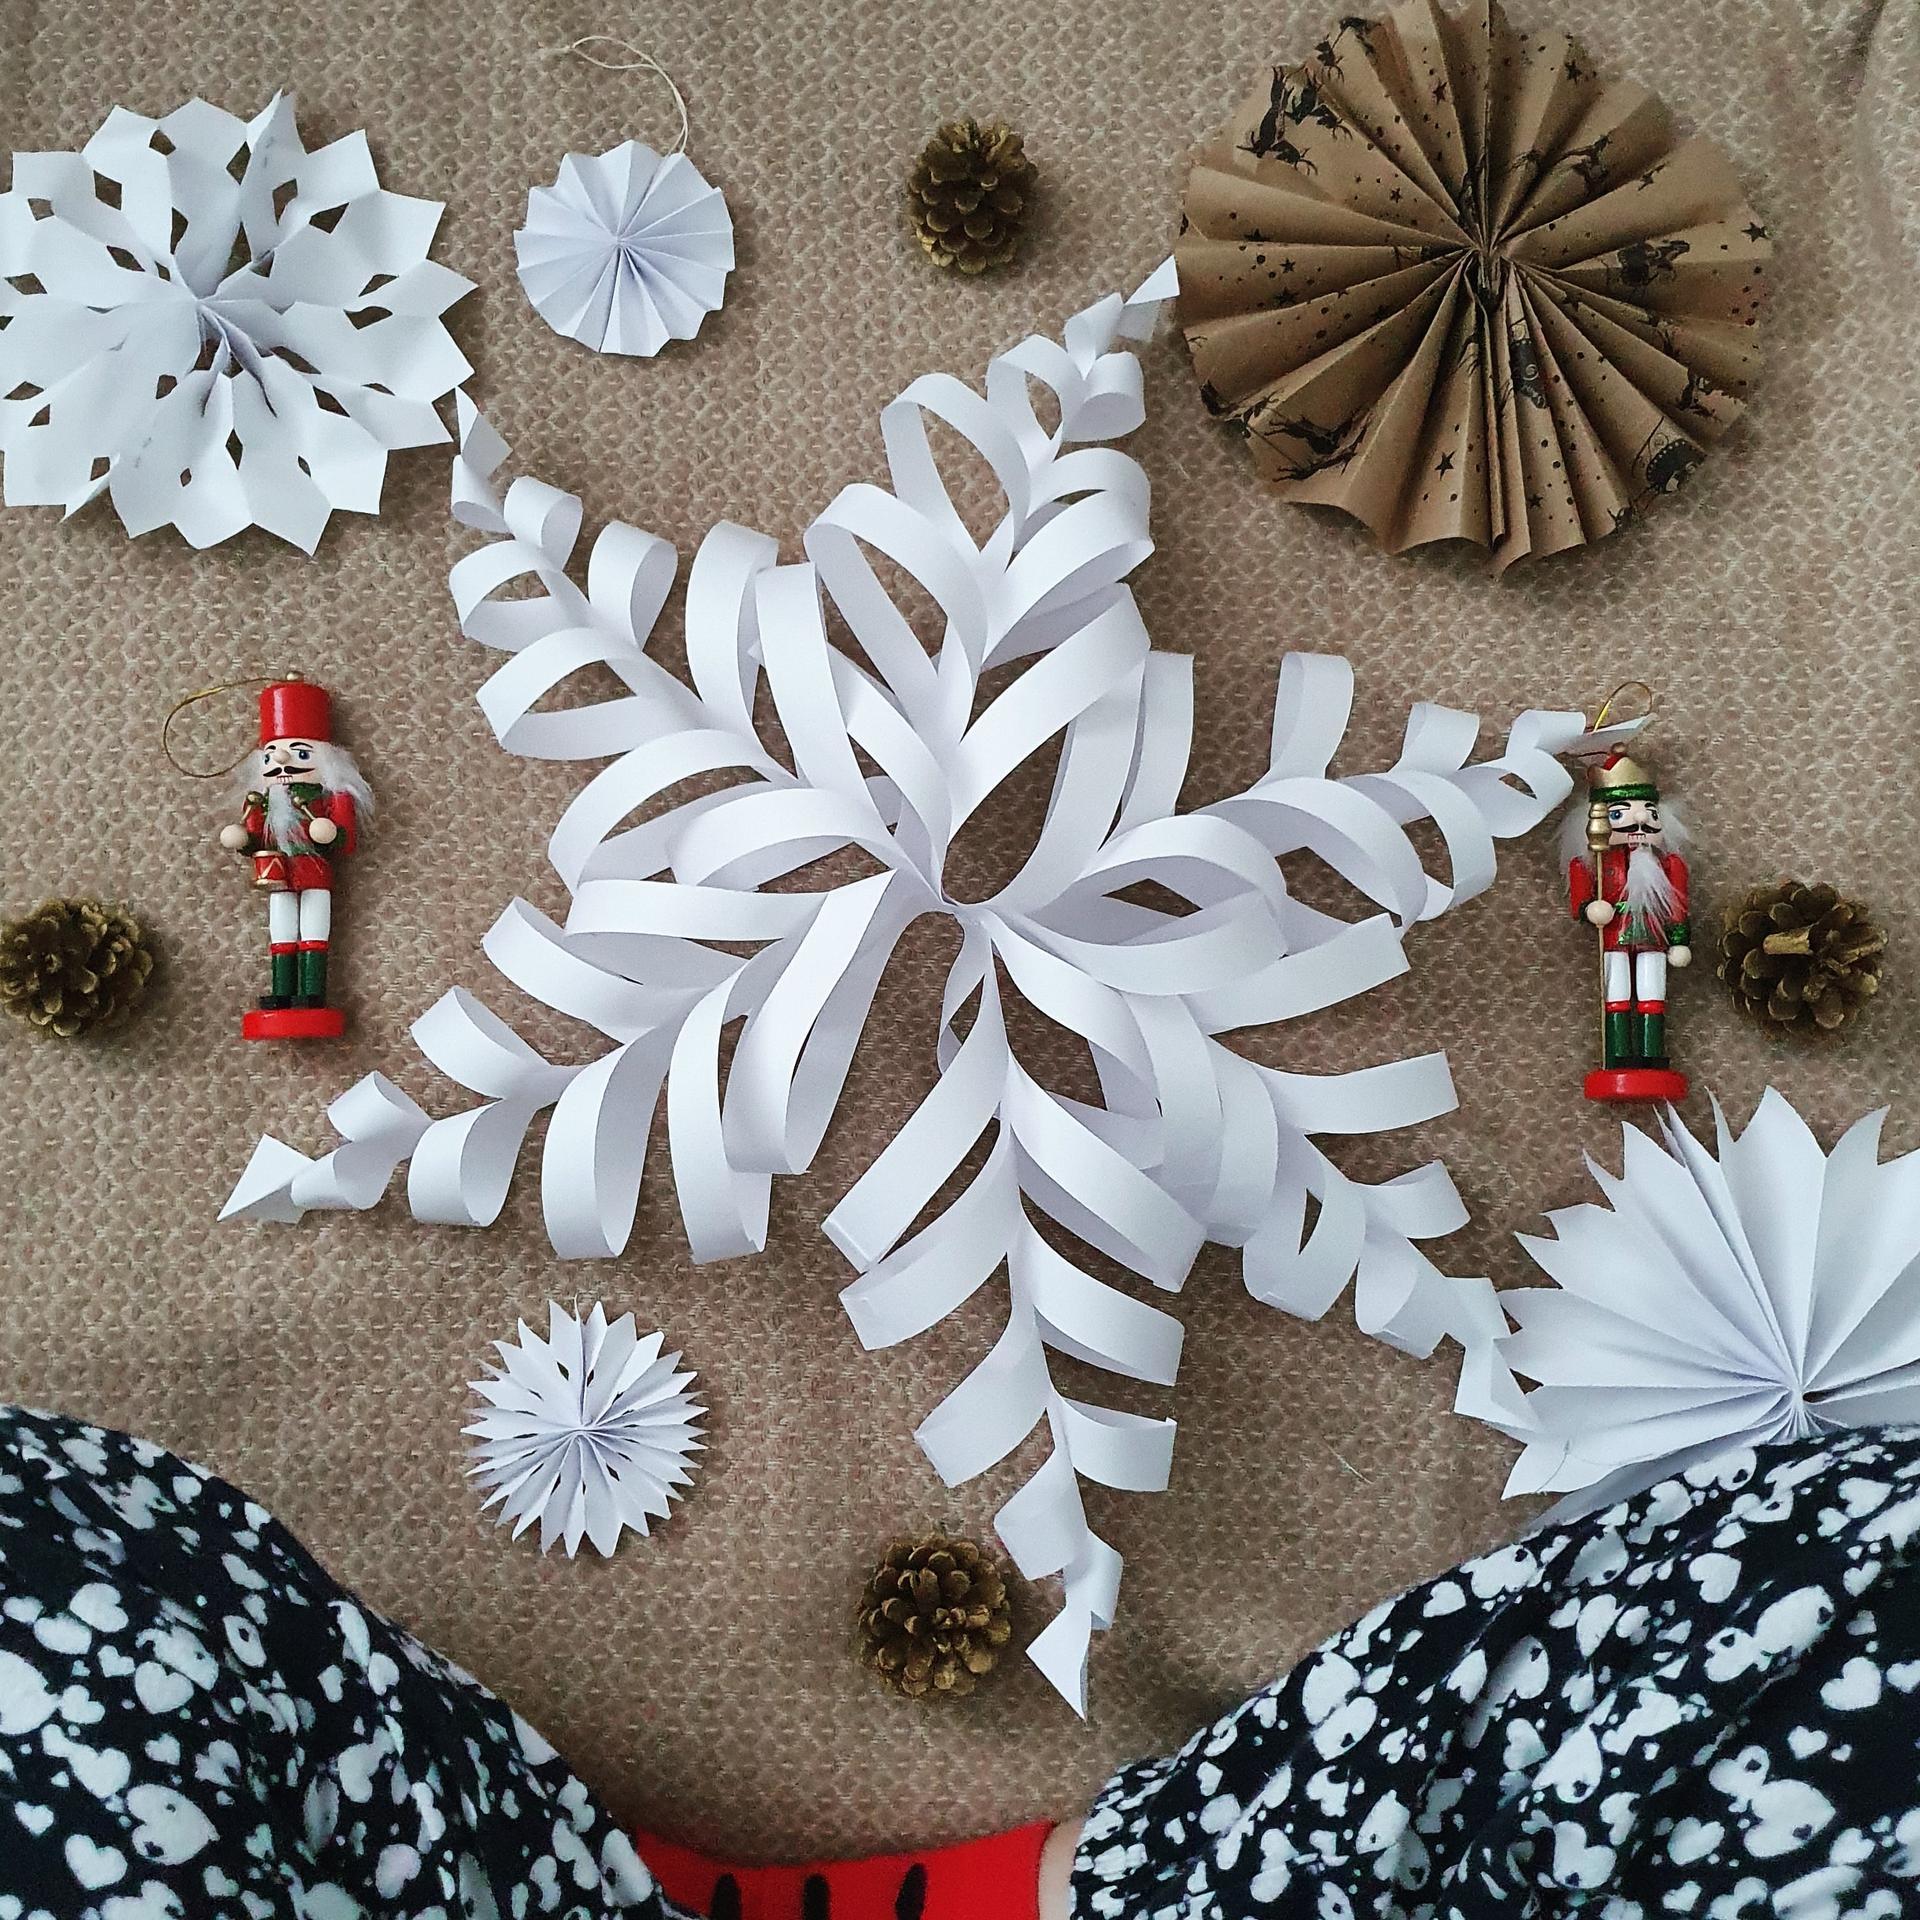 Vianočné dekorácie/Vianočná inšpirácia - Obrázok č. 30